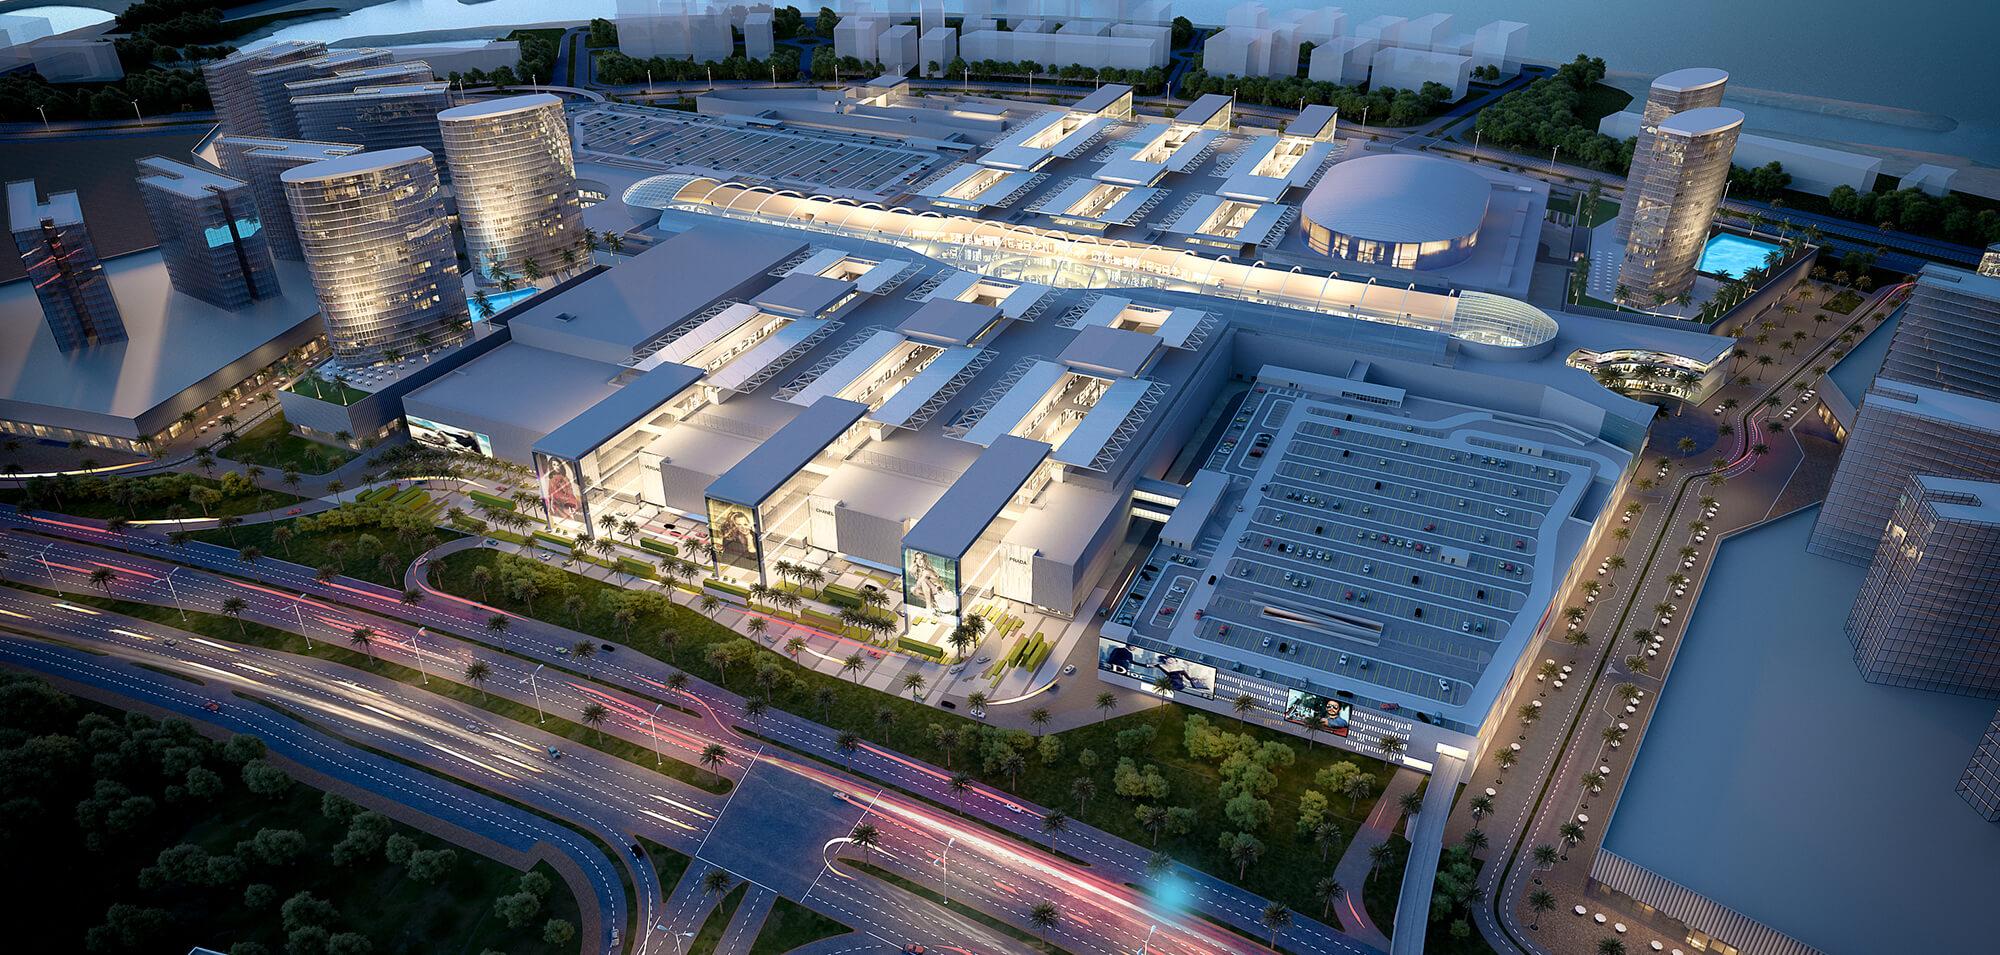 Deira Mall Project - Deira Islands2